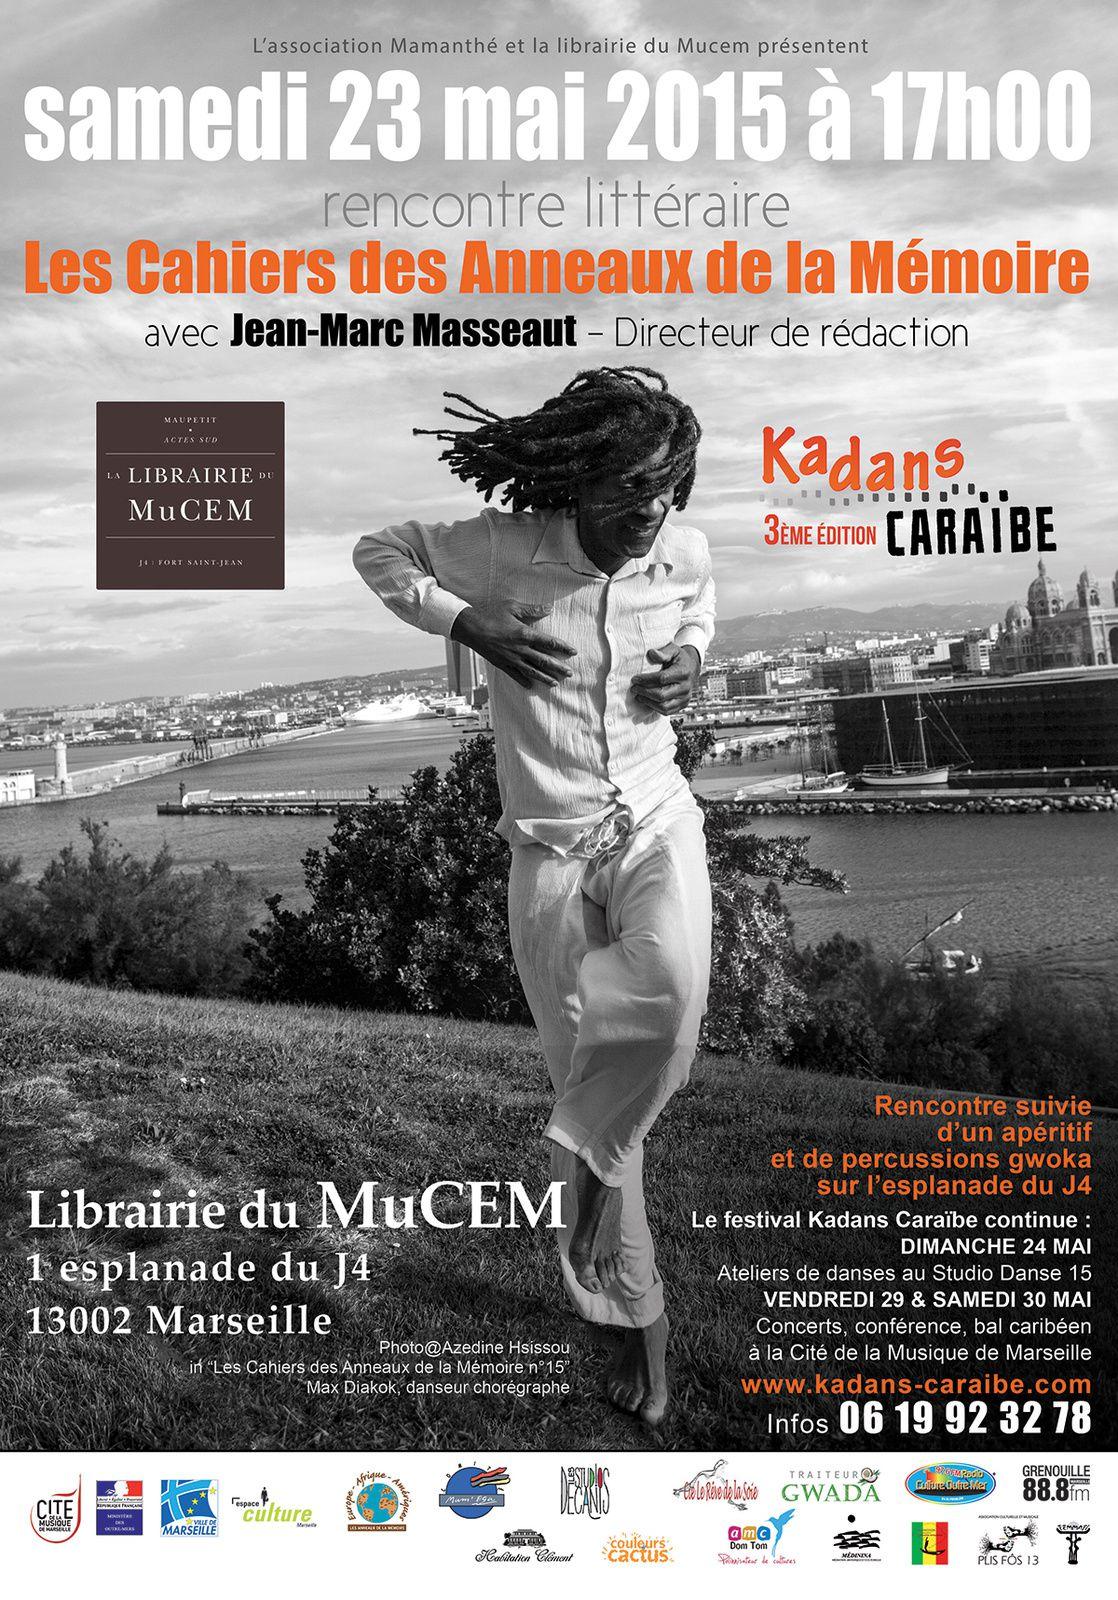 23/05/15 - Rencontre littéraire &quot&#x3B;Les Cahiers des Anneaux de la Mémoire - Marseille